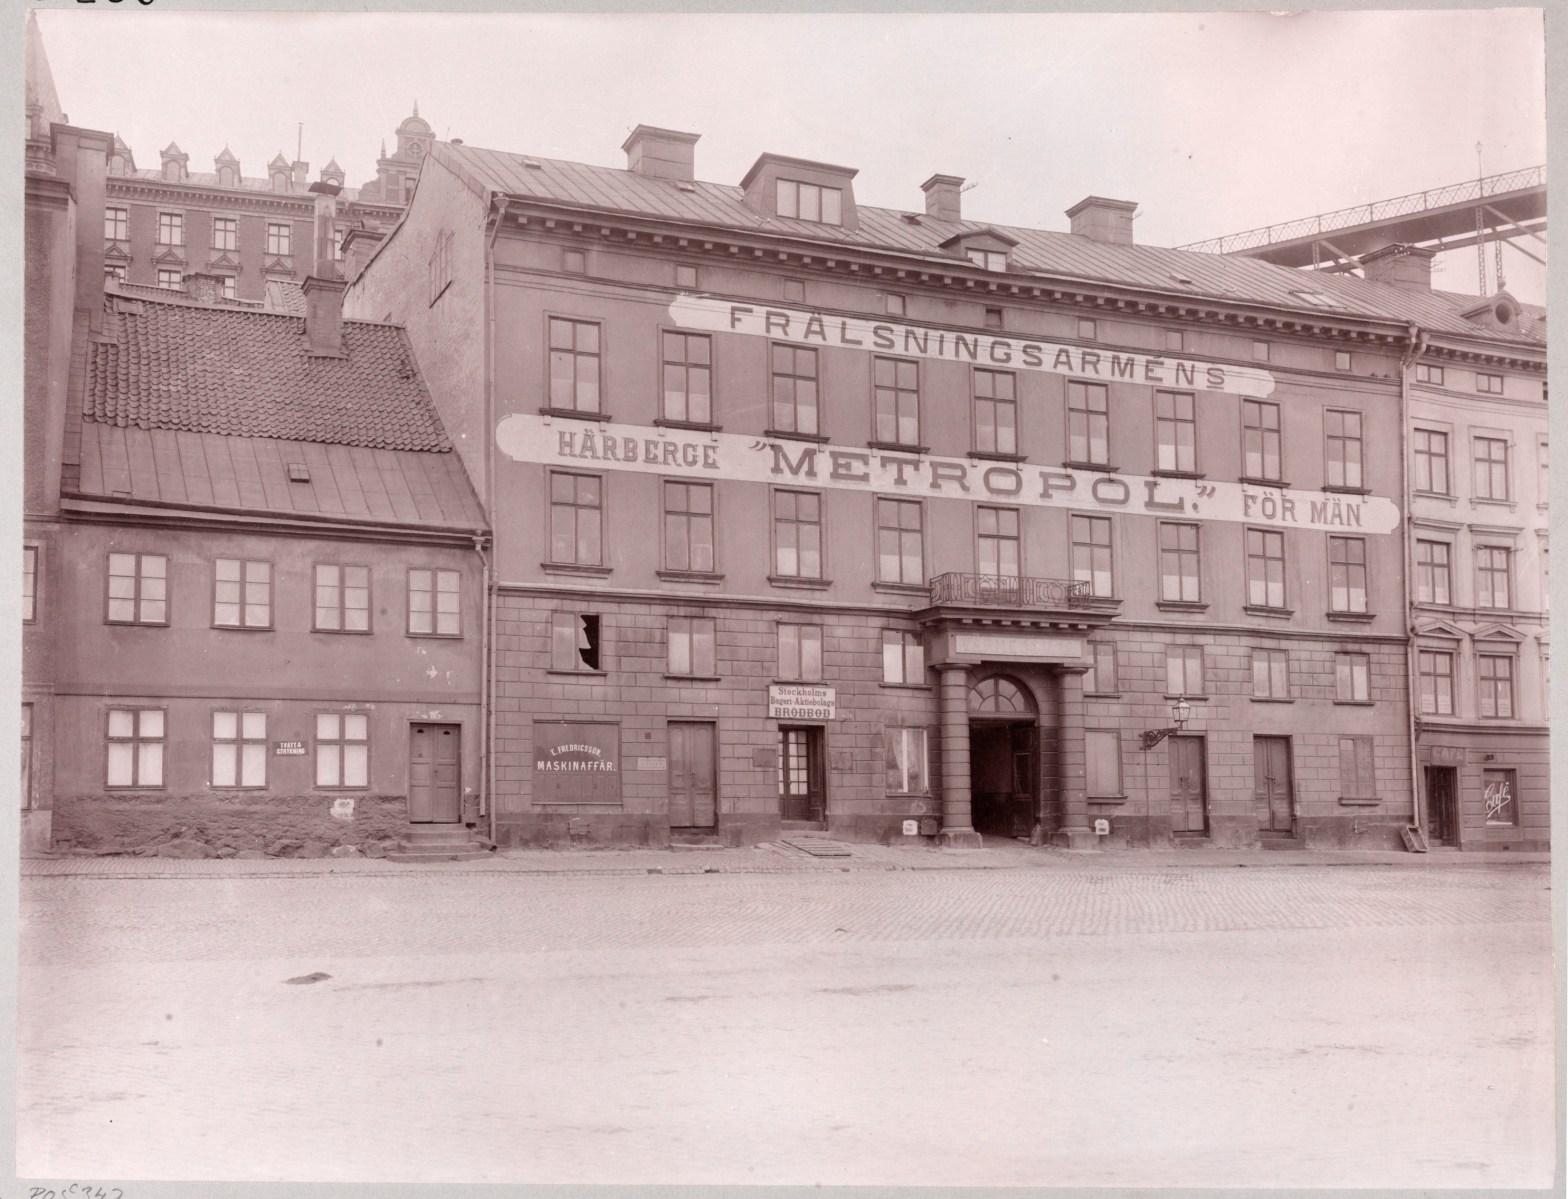 Historiska kvarteret Tranbodarne vid Slussen på Södermalm